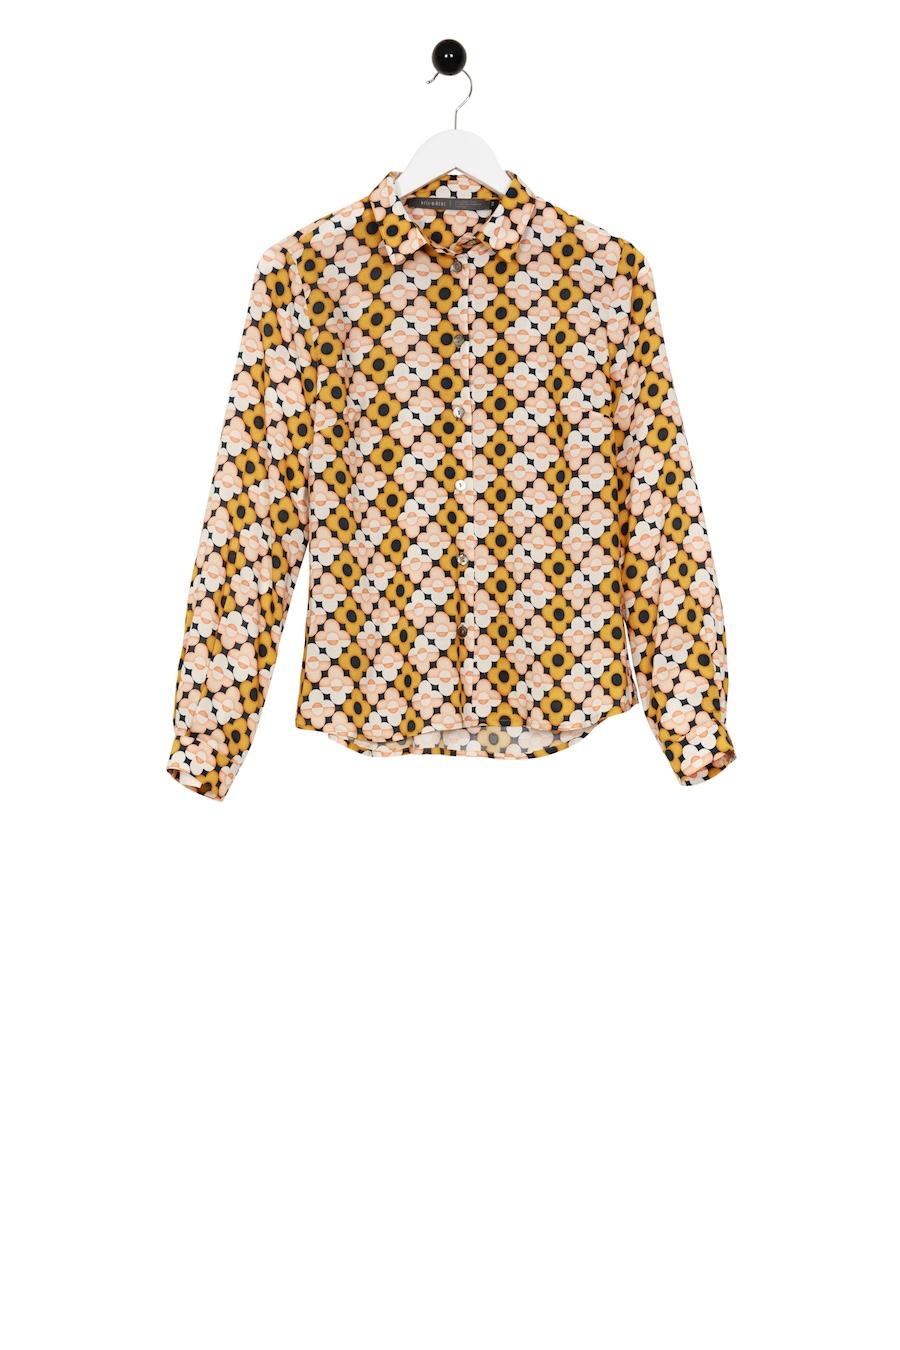 Criollo Shirt